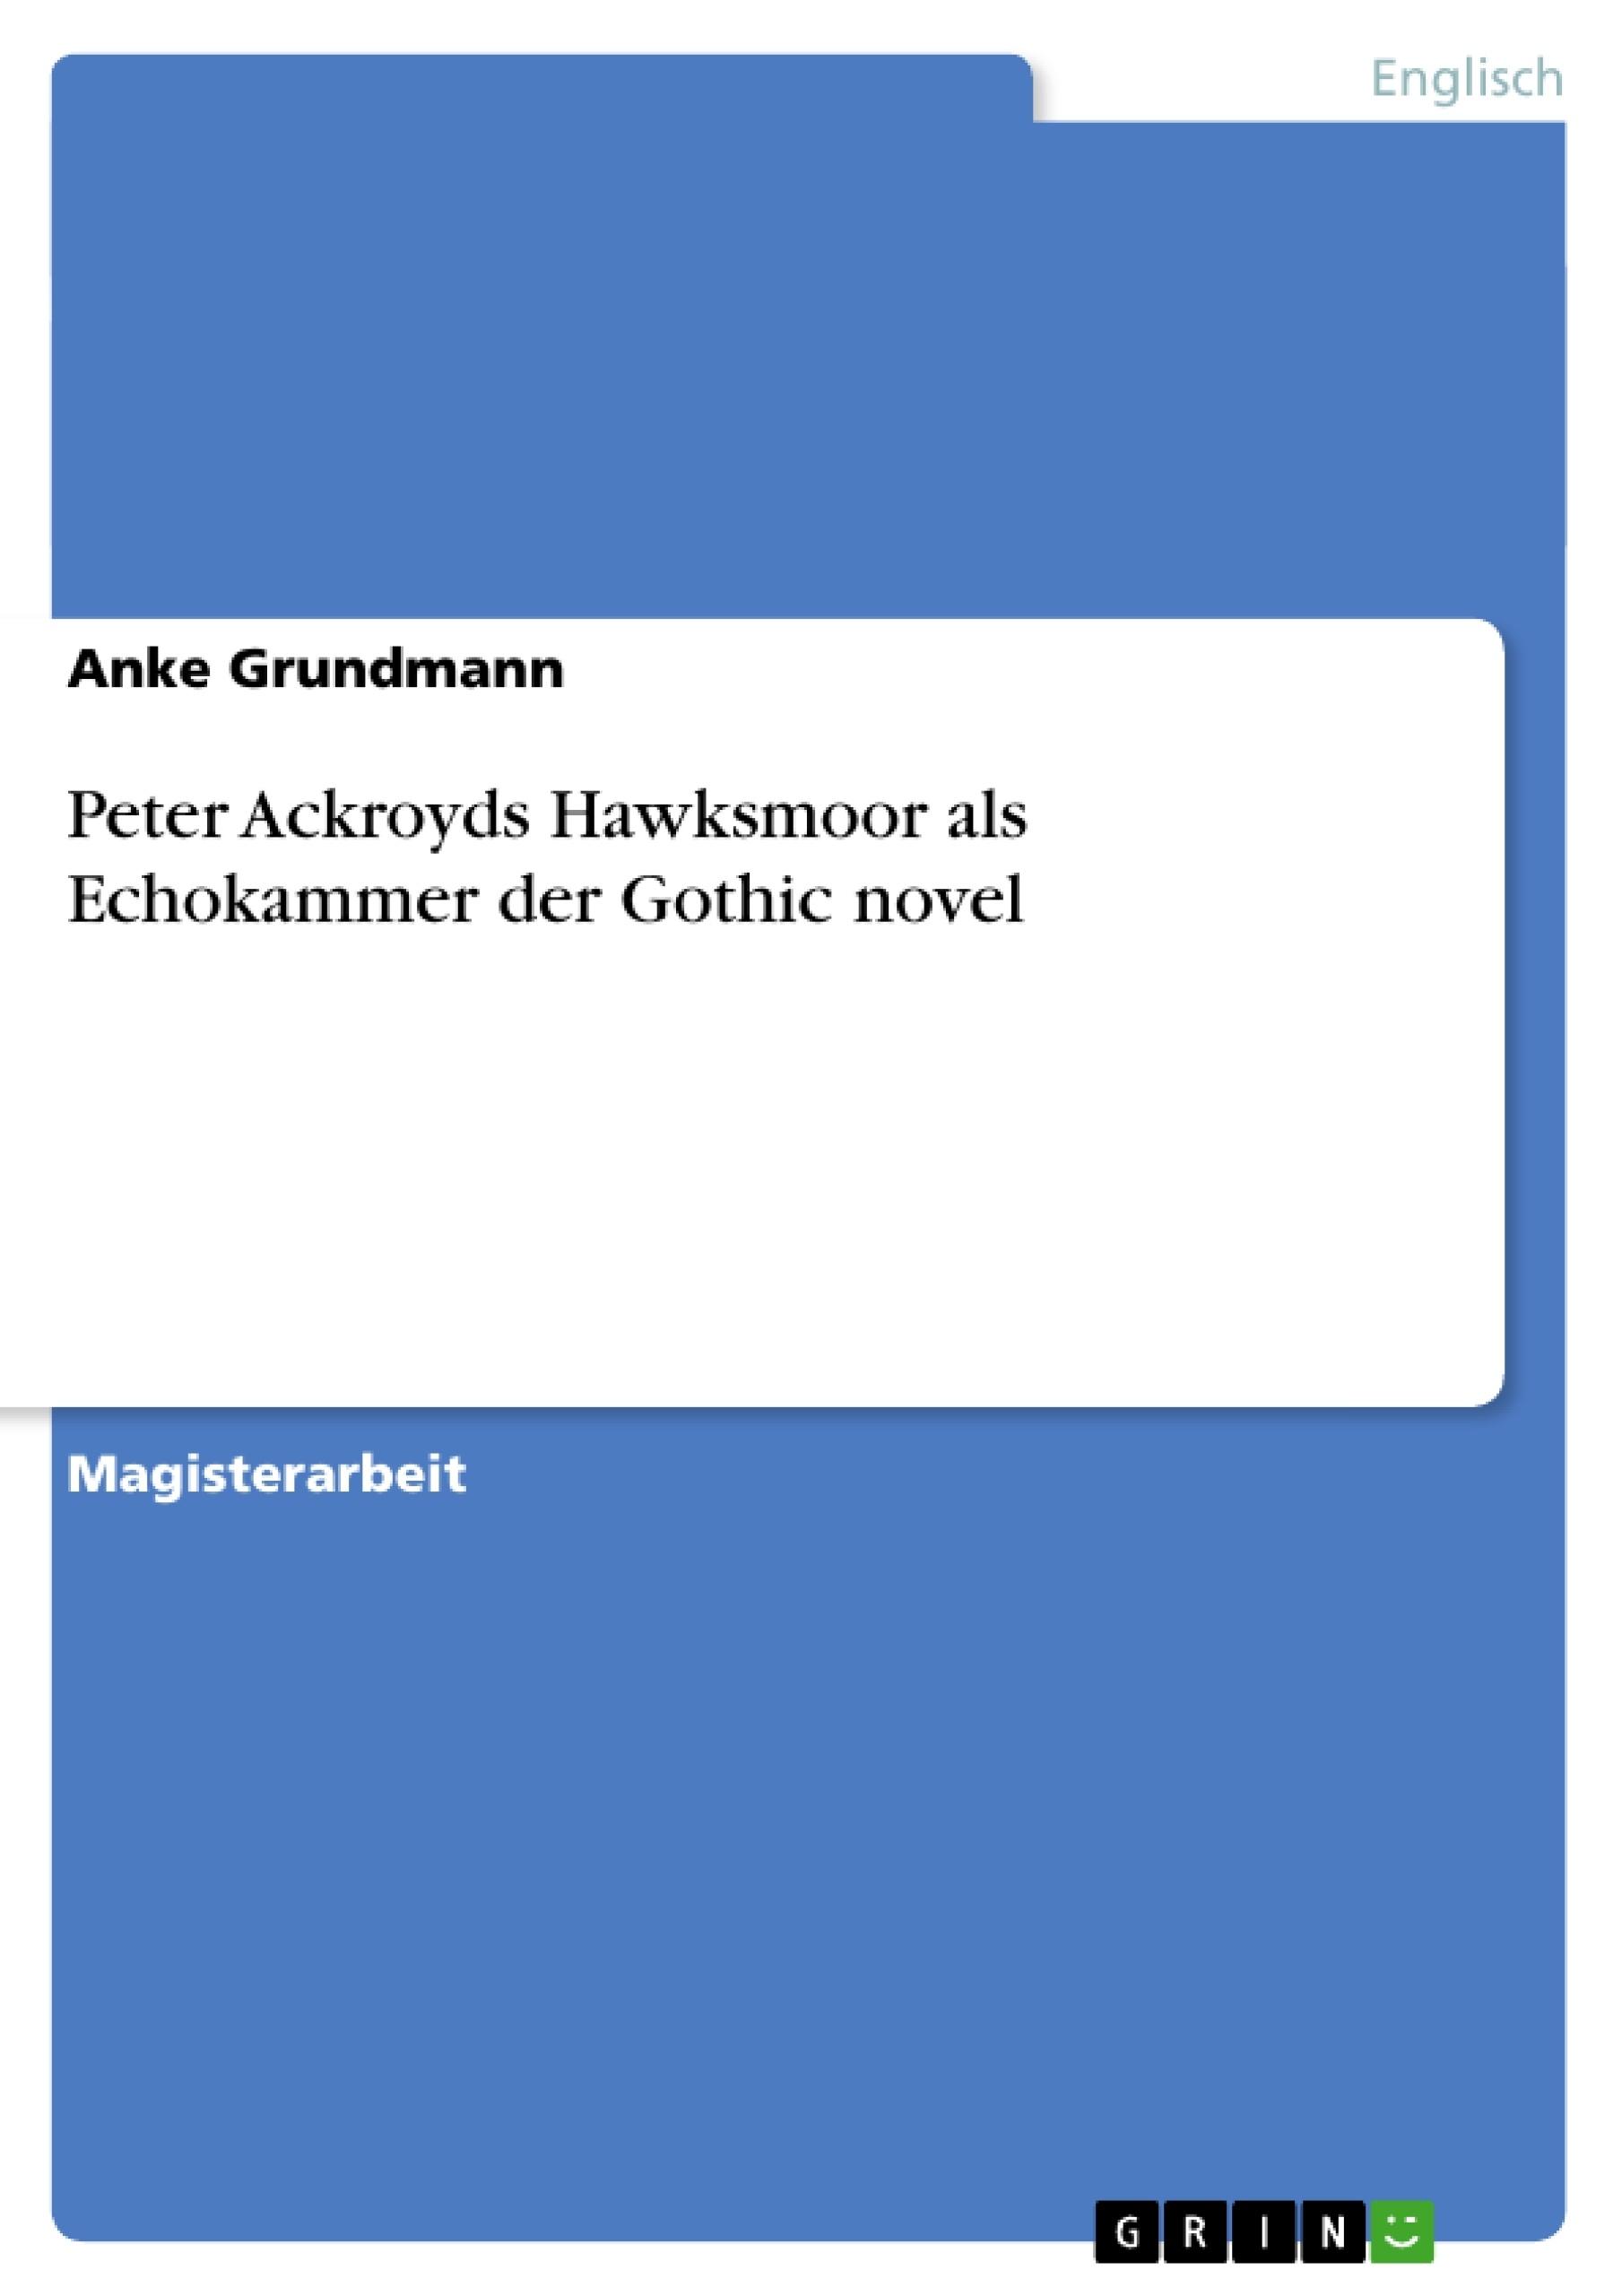 Titel: Peter Ackroyds Hawksmoor als Echokammer der Gothic novel